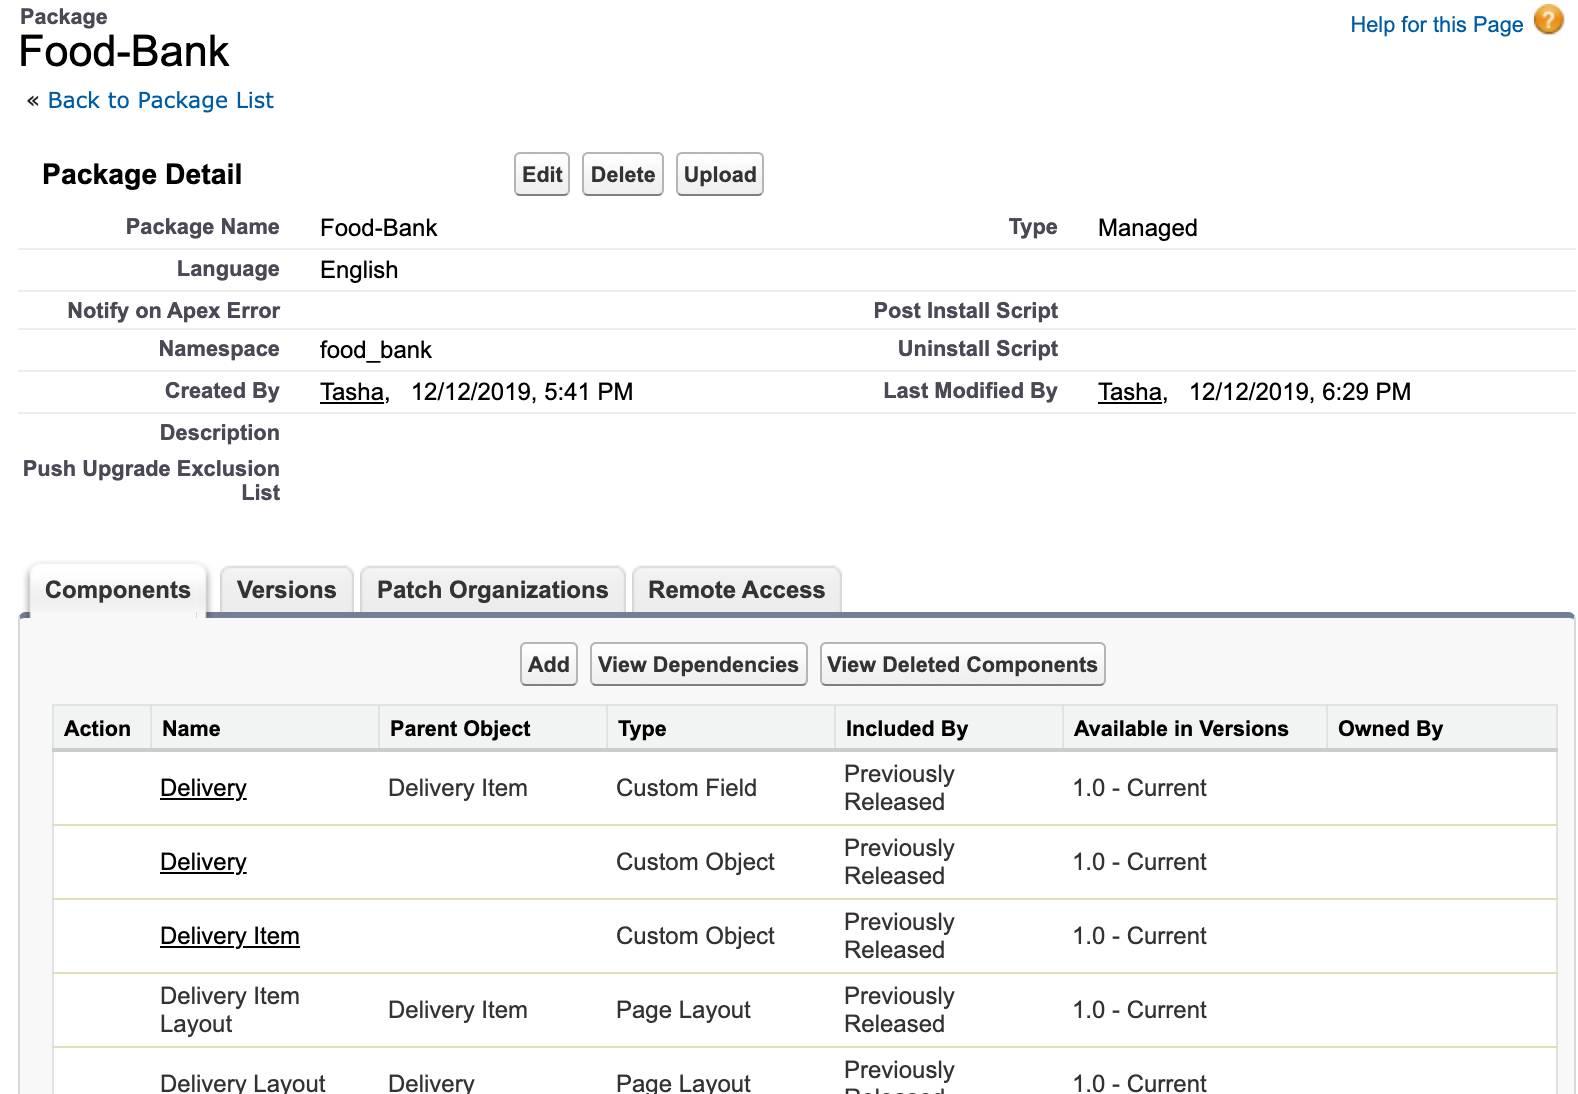 アプリケーションに含まれているすべてのカスタムコンポーネントのリストを表示している、Salesforce の新しい Food-Bank アプリケーション。